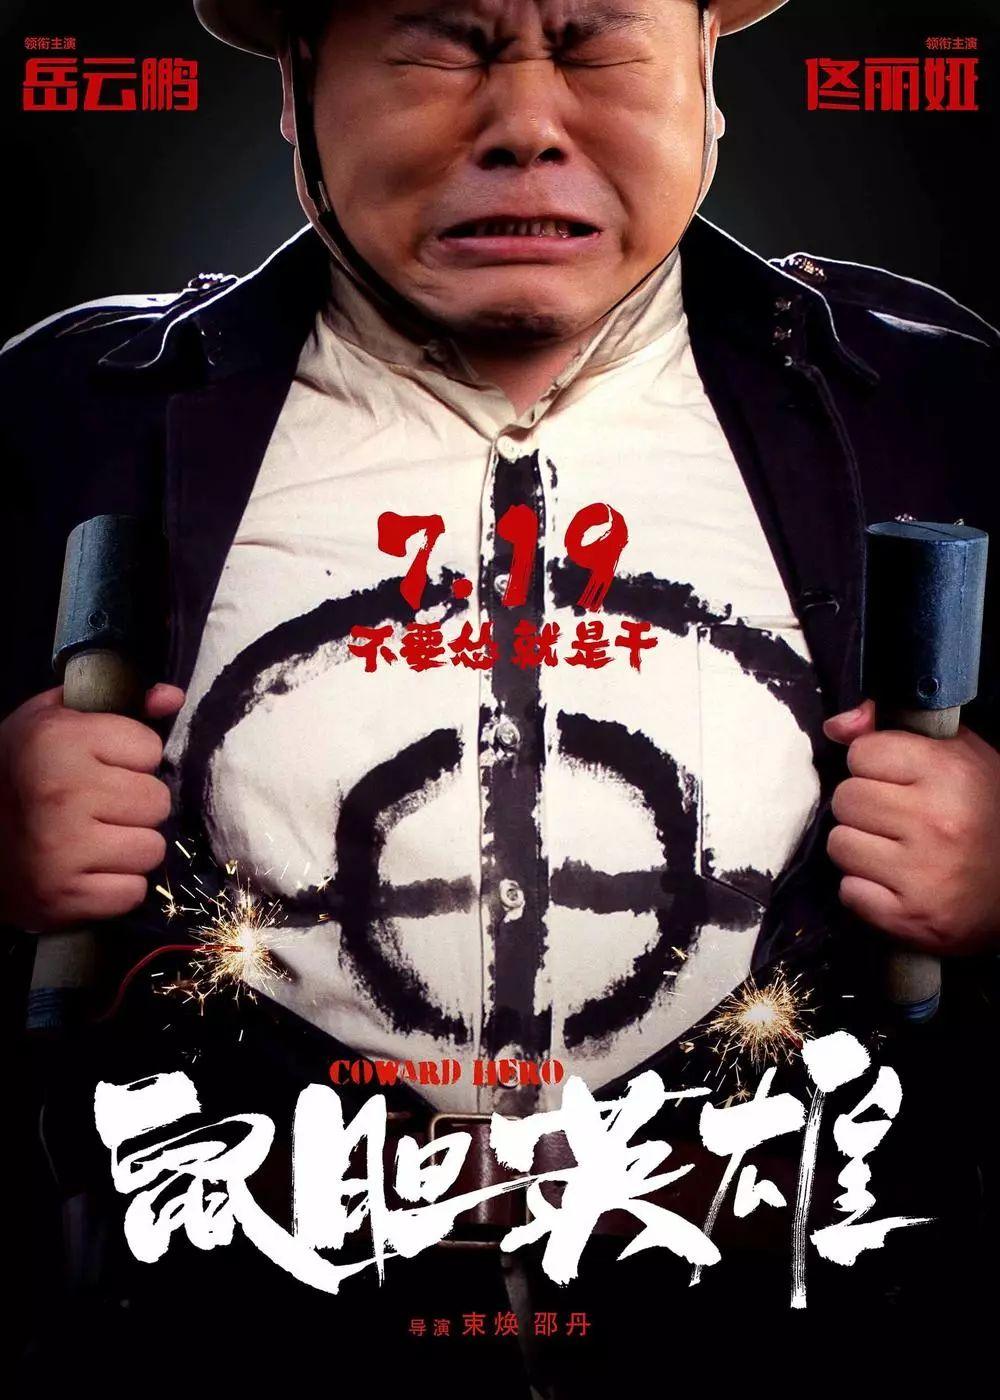 2019喜剧微电影排行榜_2013年原创微电影排行榜 预见 位居榜首